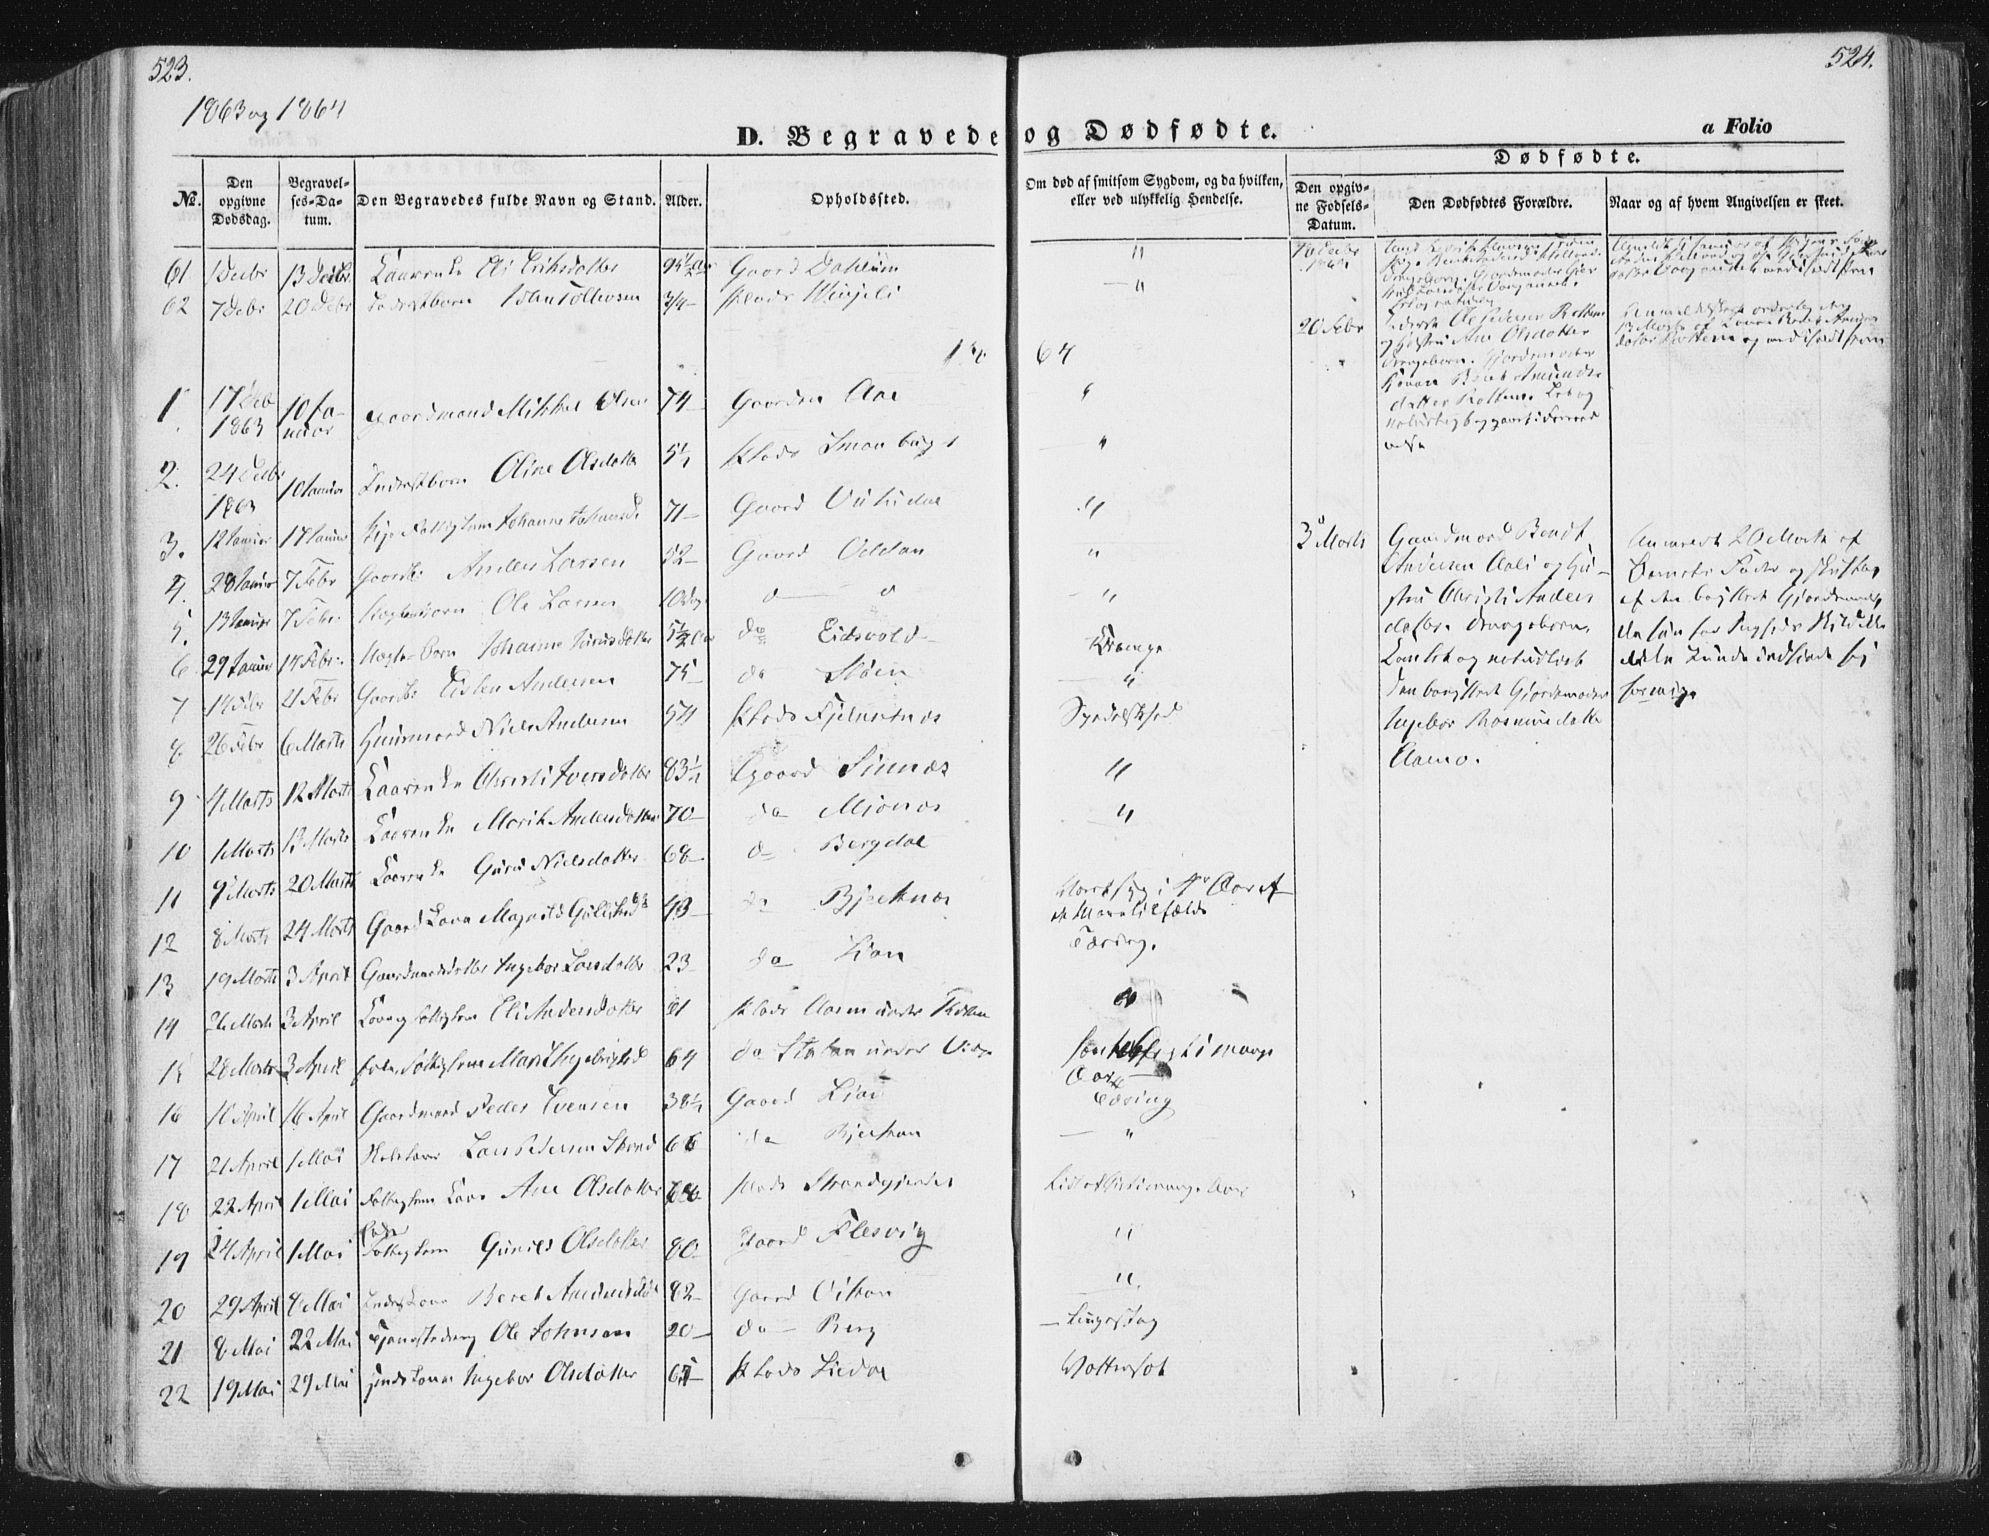 SAT, Ministerialprotokoller, klokkerbøker og fødselsregistre - Sør-Trøndelag, 630/L0494: Ministerialbok nr. 630A07, 1852-1868, s. 523-524